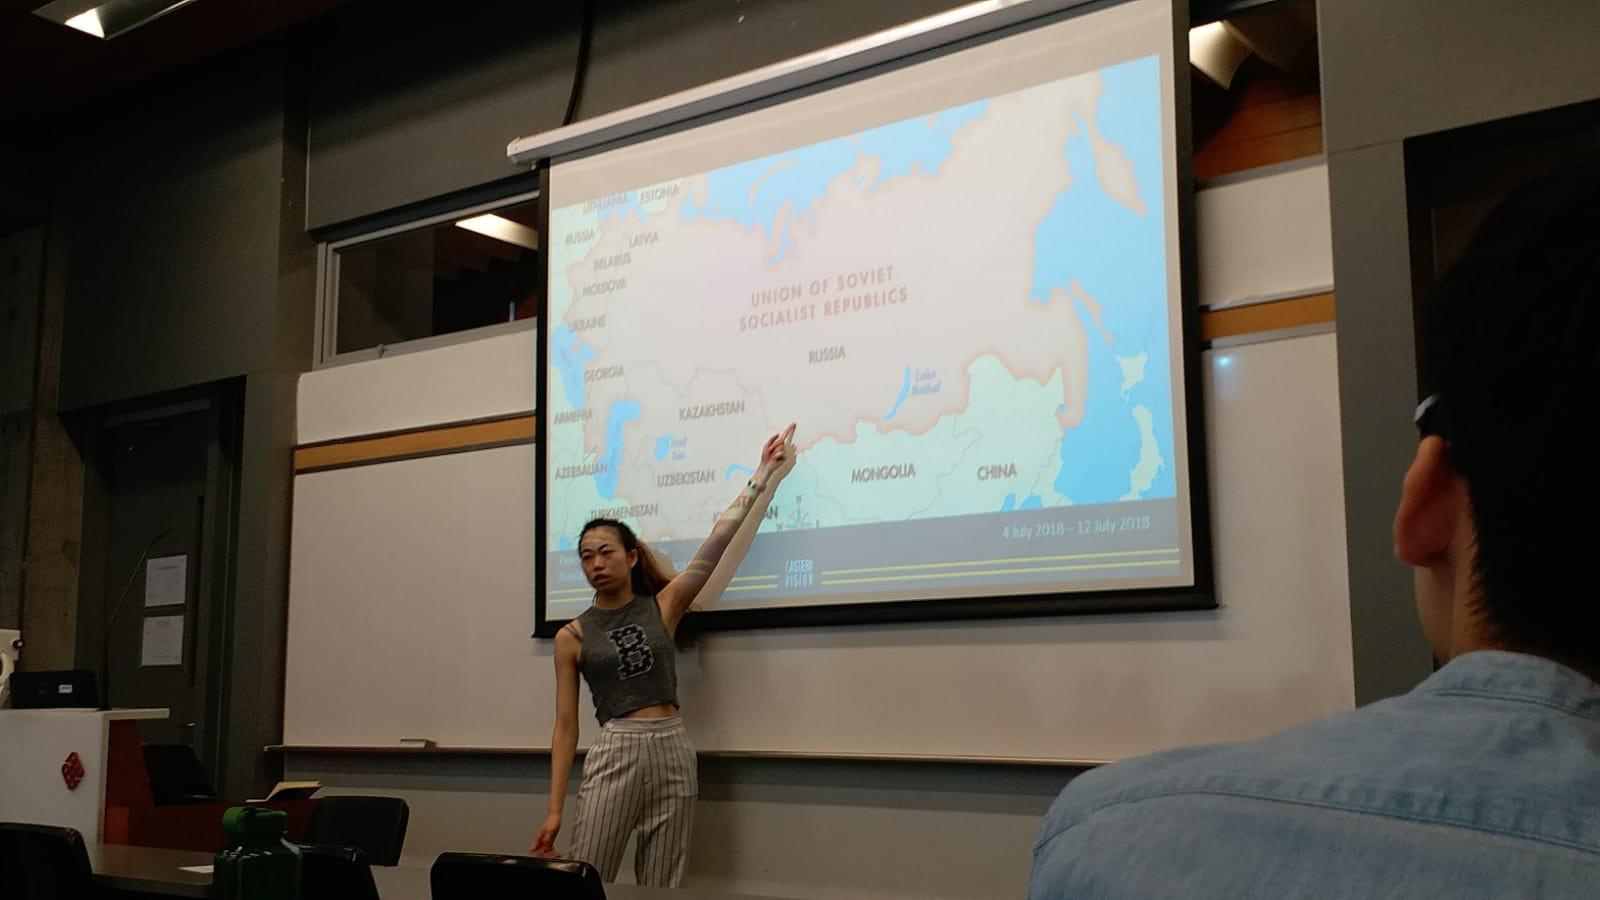 出發前,Cman會先跟團友講解到訪國家的文化和歷史背景。(受訪者提供)